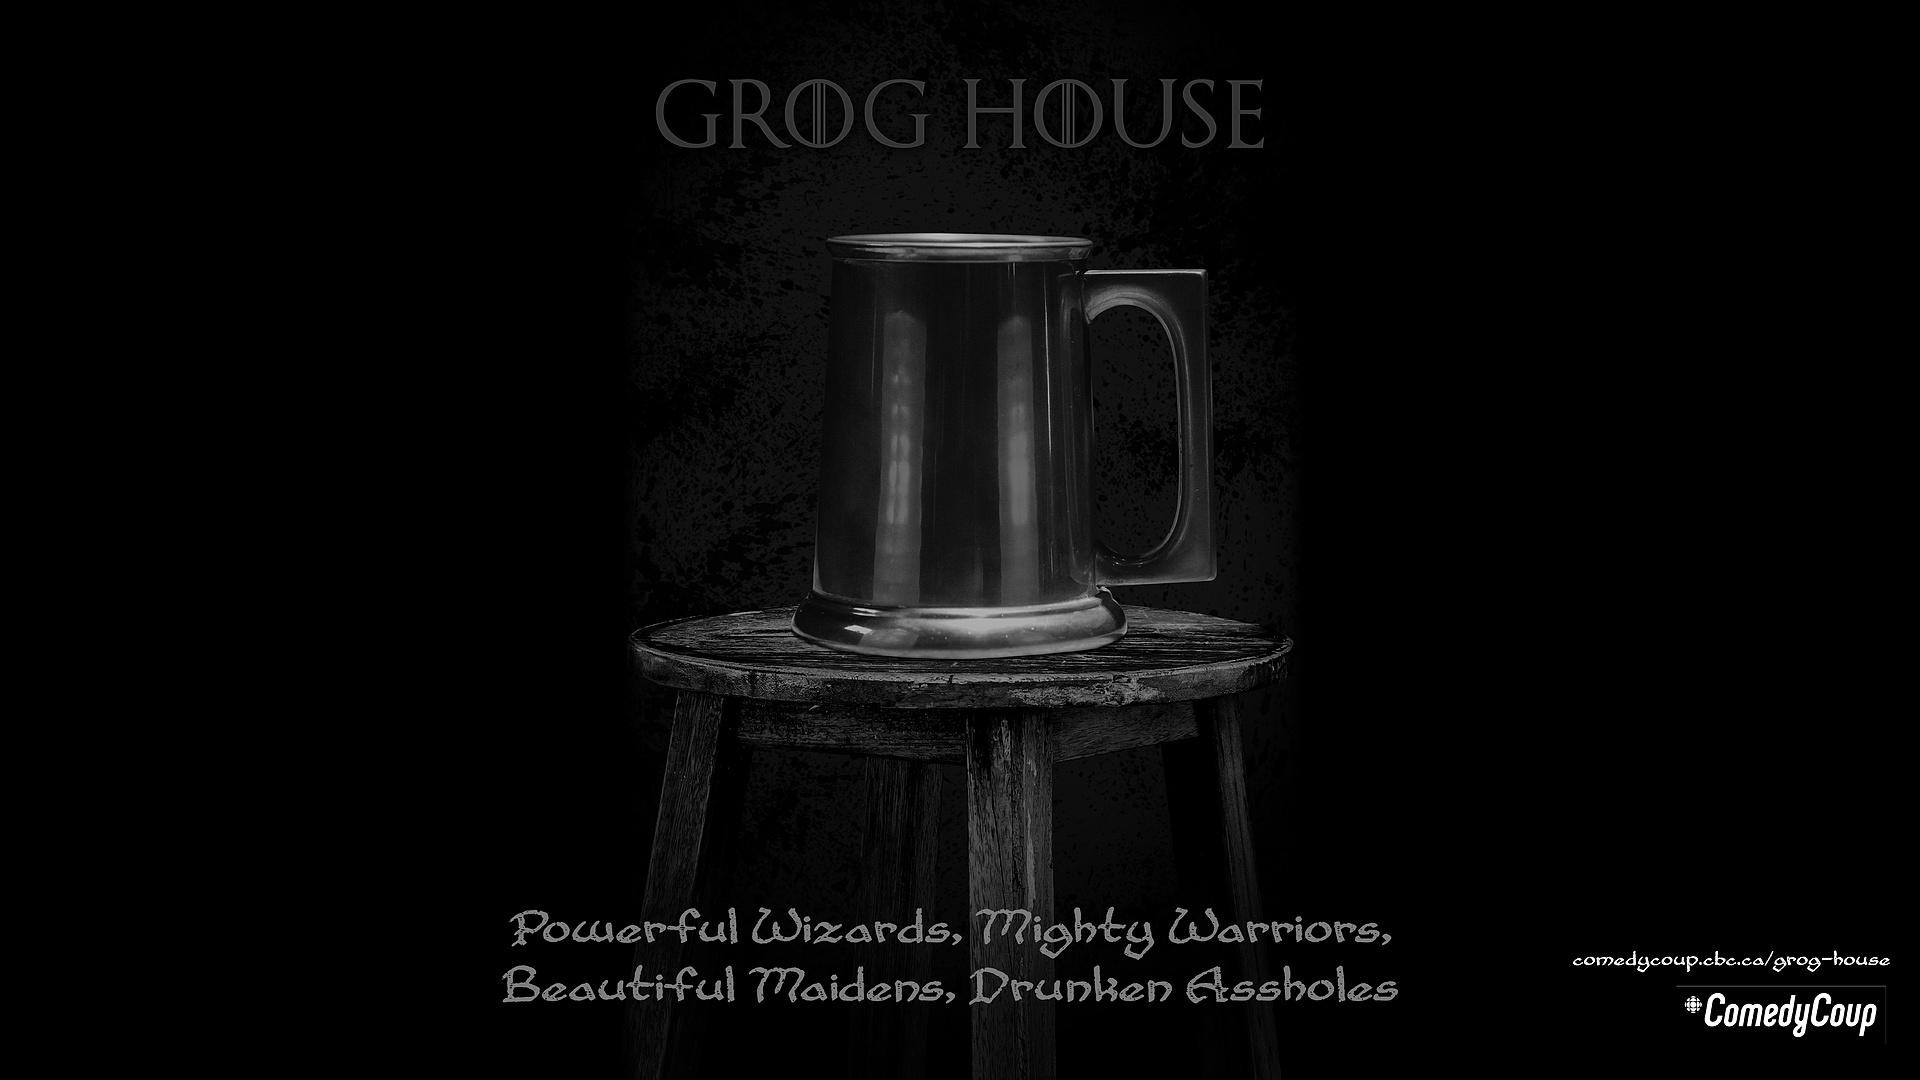 Week 4 Key It: Poster A Grog House